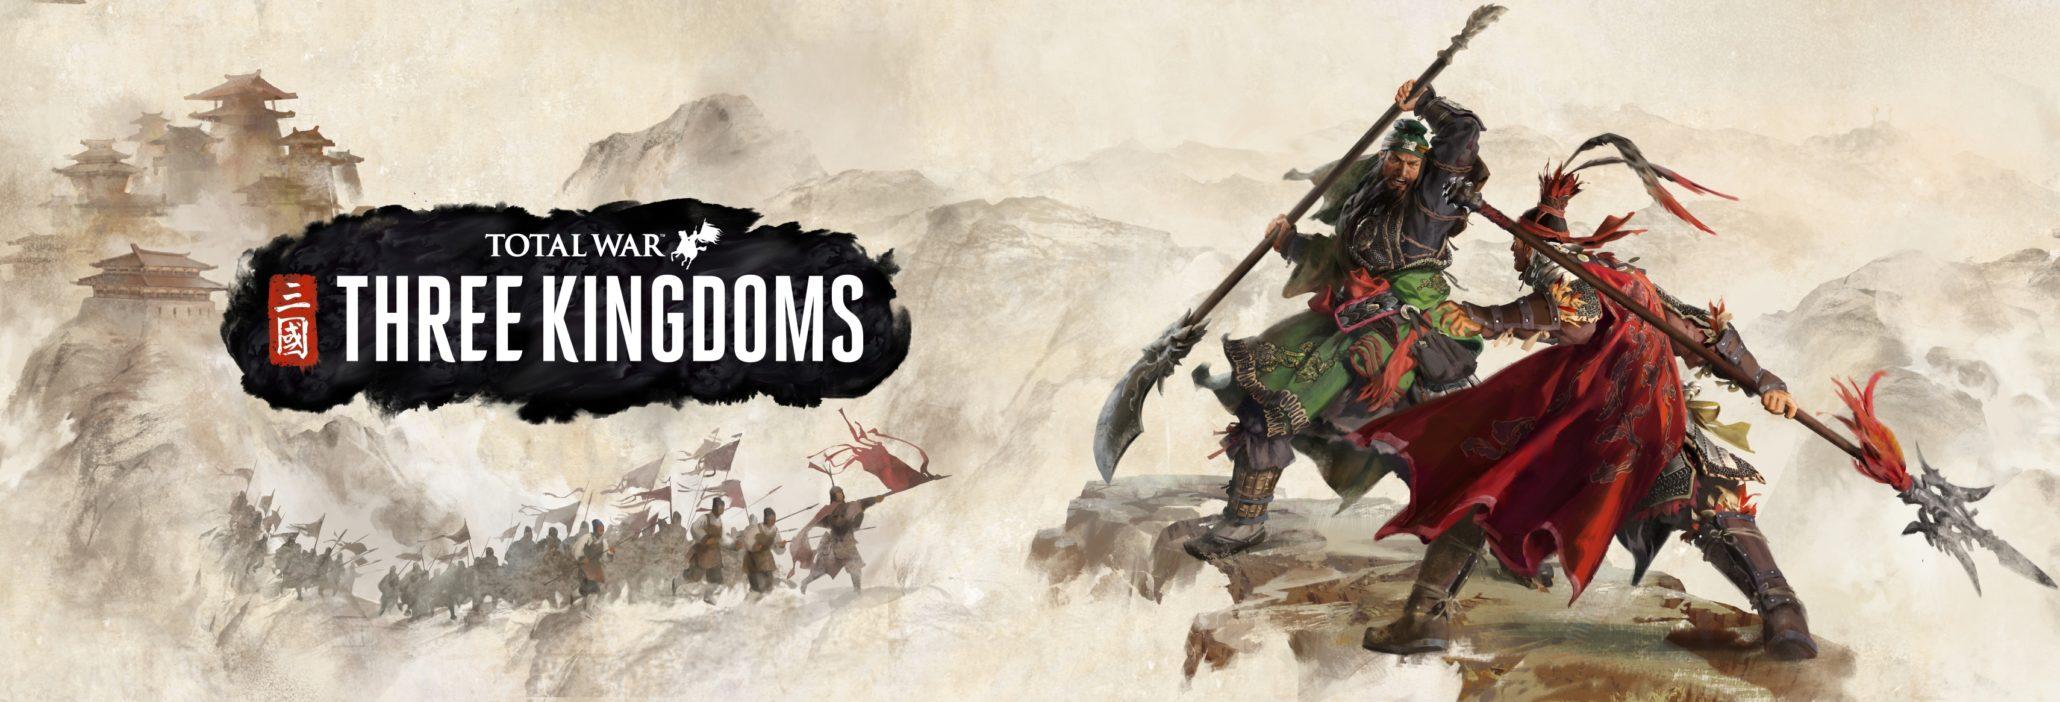 Total War Three Kingdoms Interview Talking Total War 01 Header